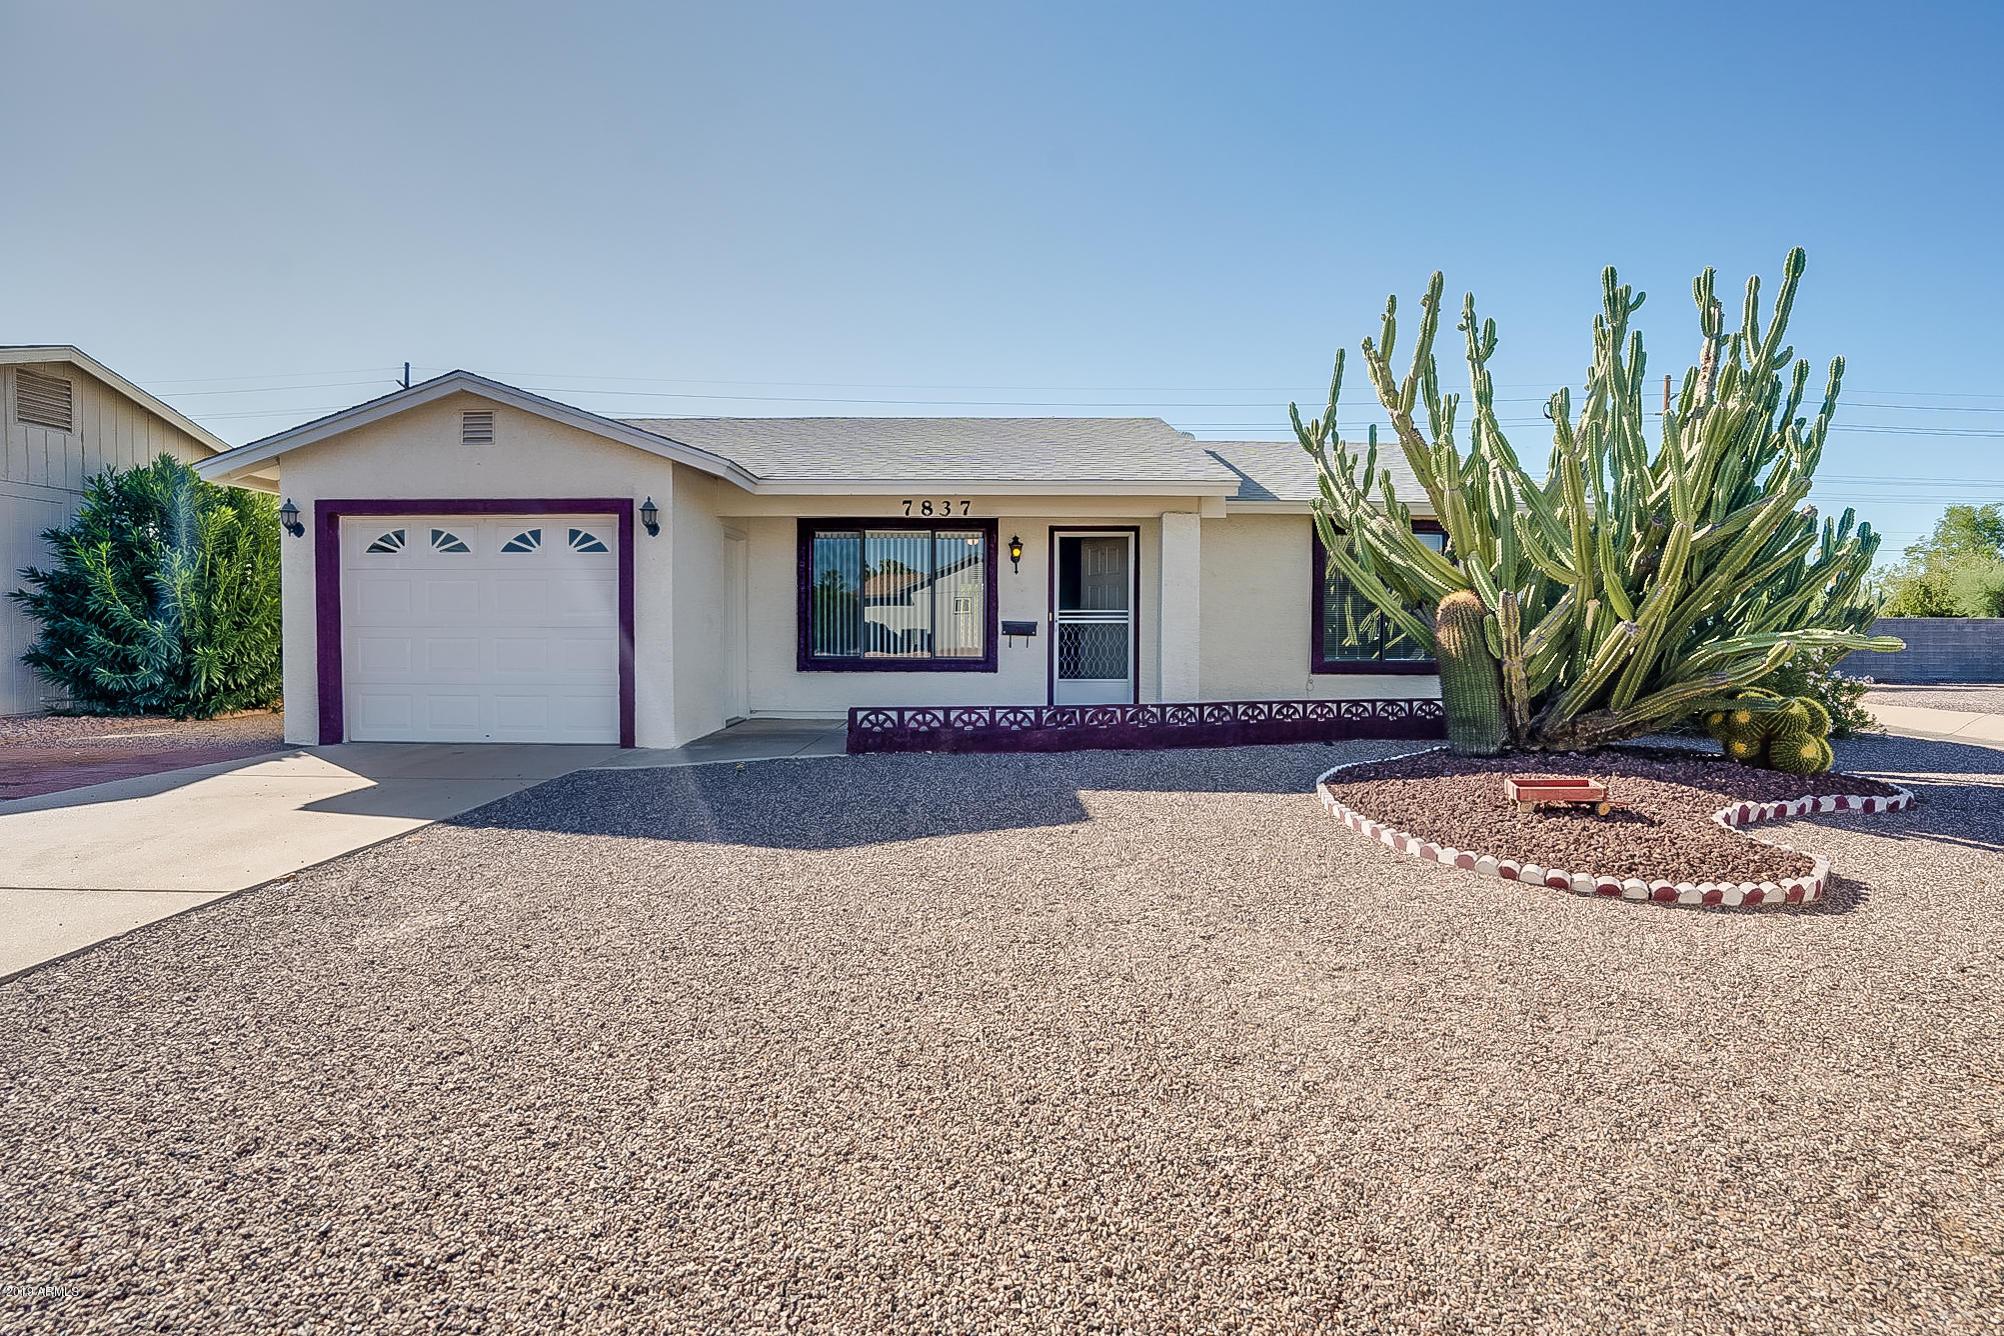 Photo of 7837 E FLOSSMOOR Avenue, Mesa, AZ 85208